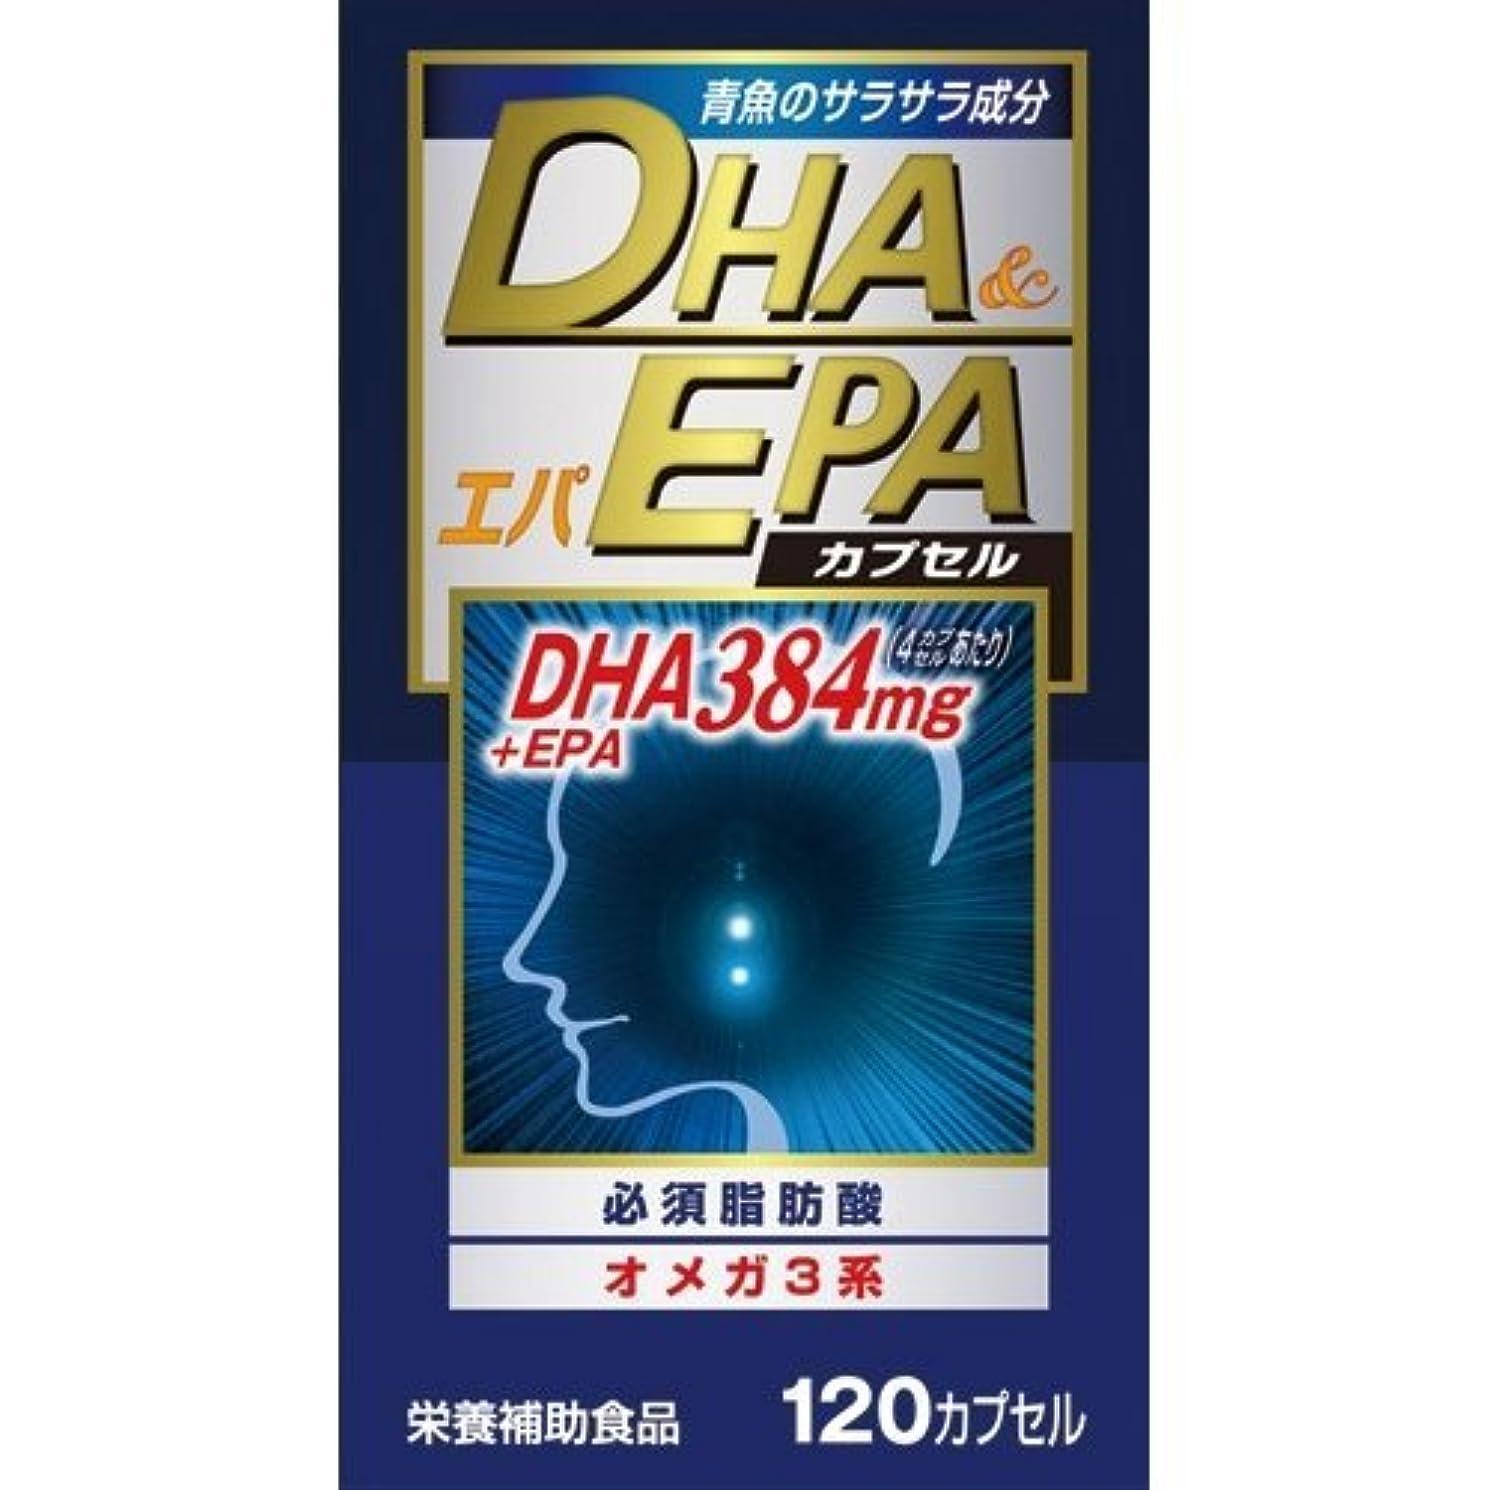 社員通りカウントアップ【ウエルネスジャパン】DHAエパ 120カプセル ×10個セット